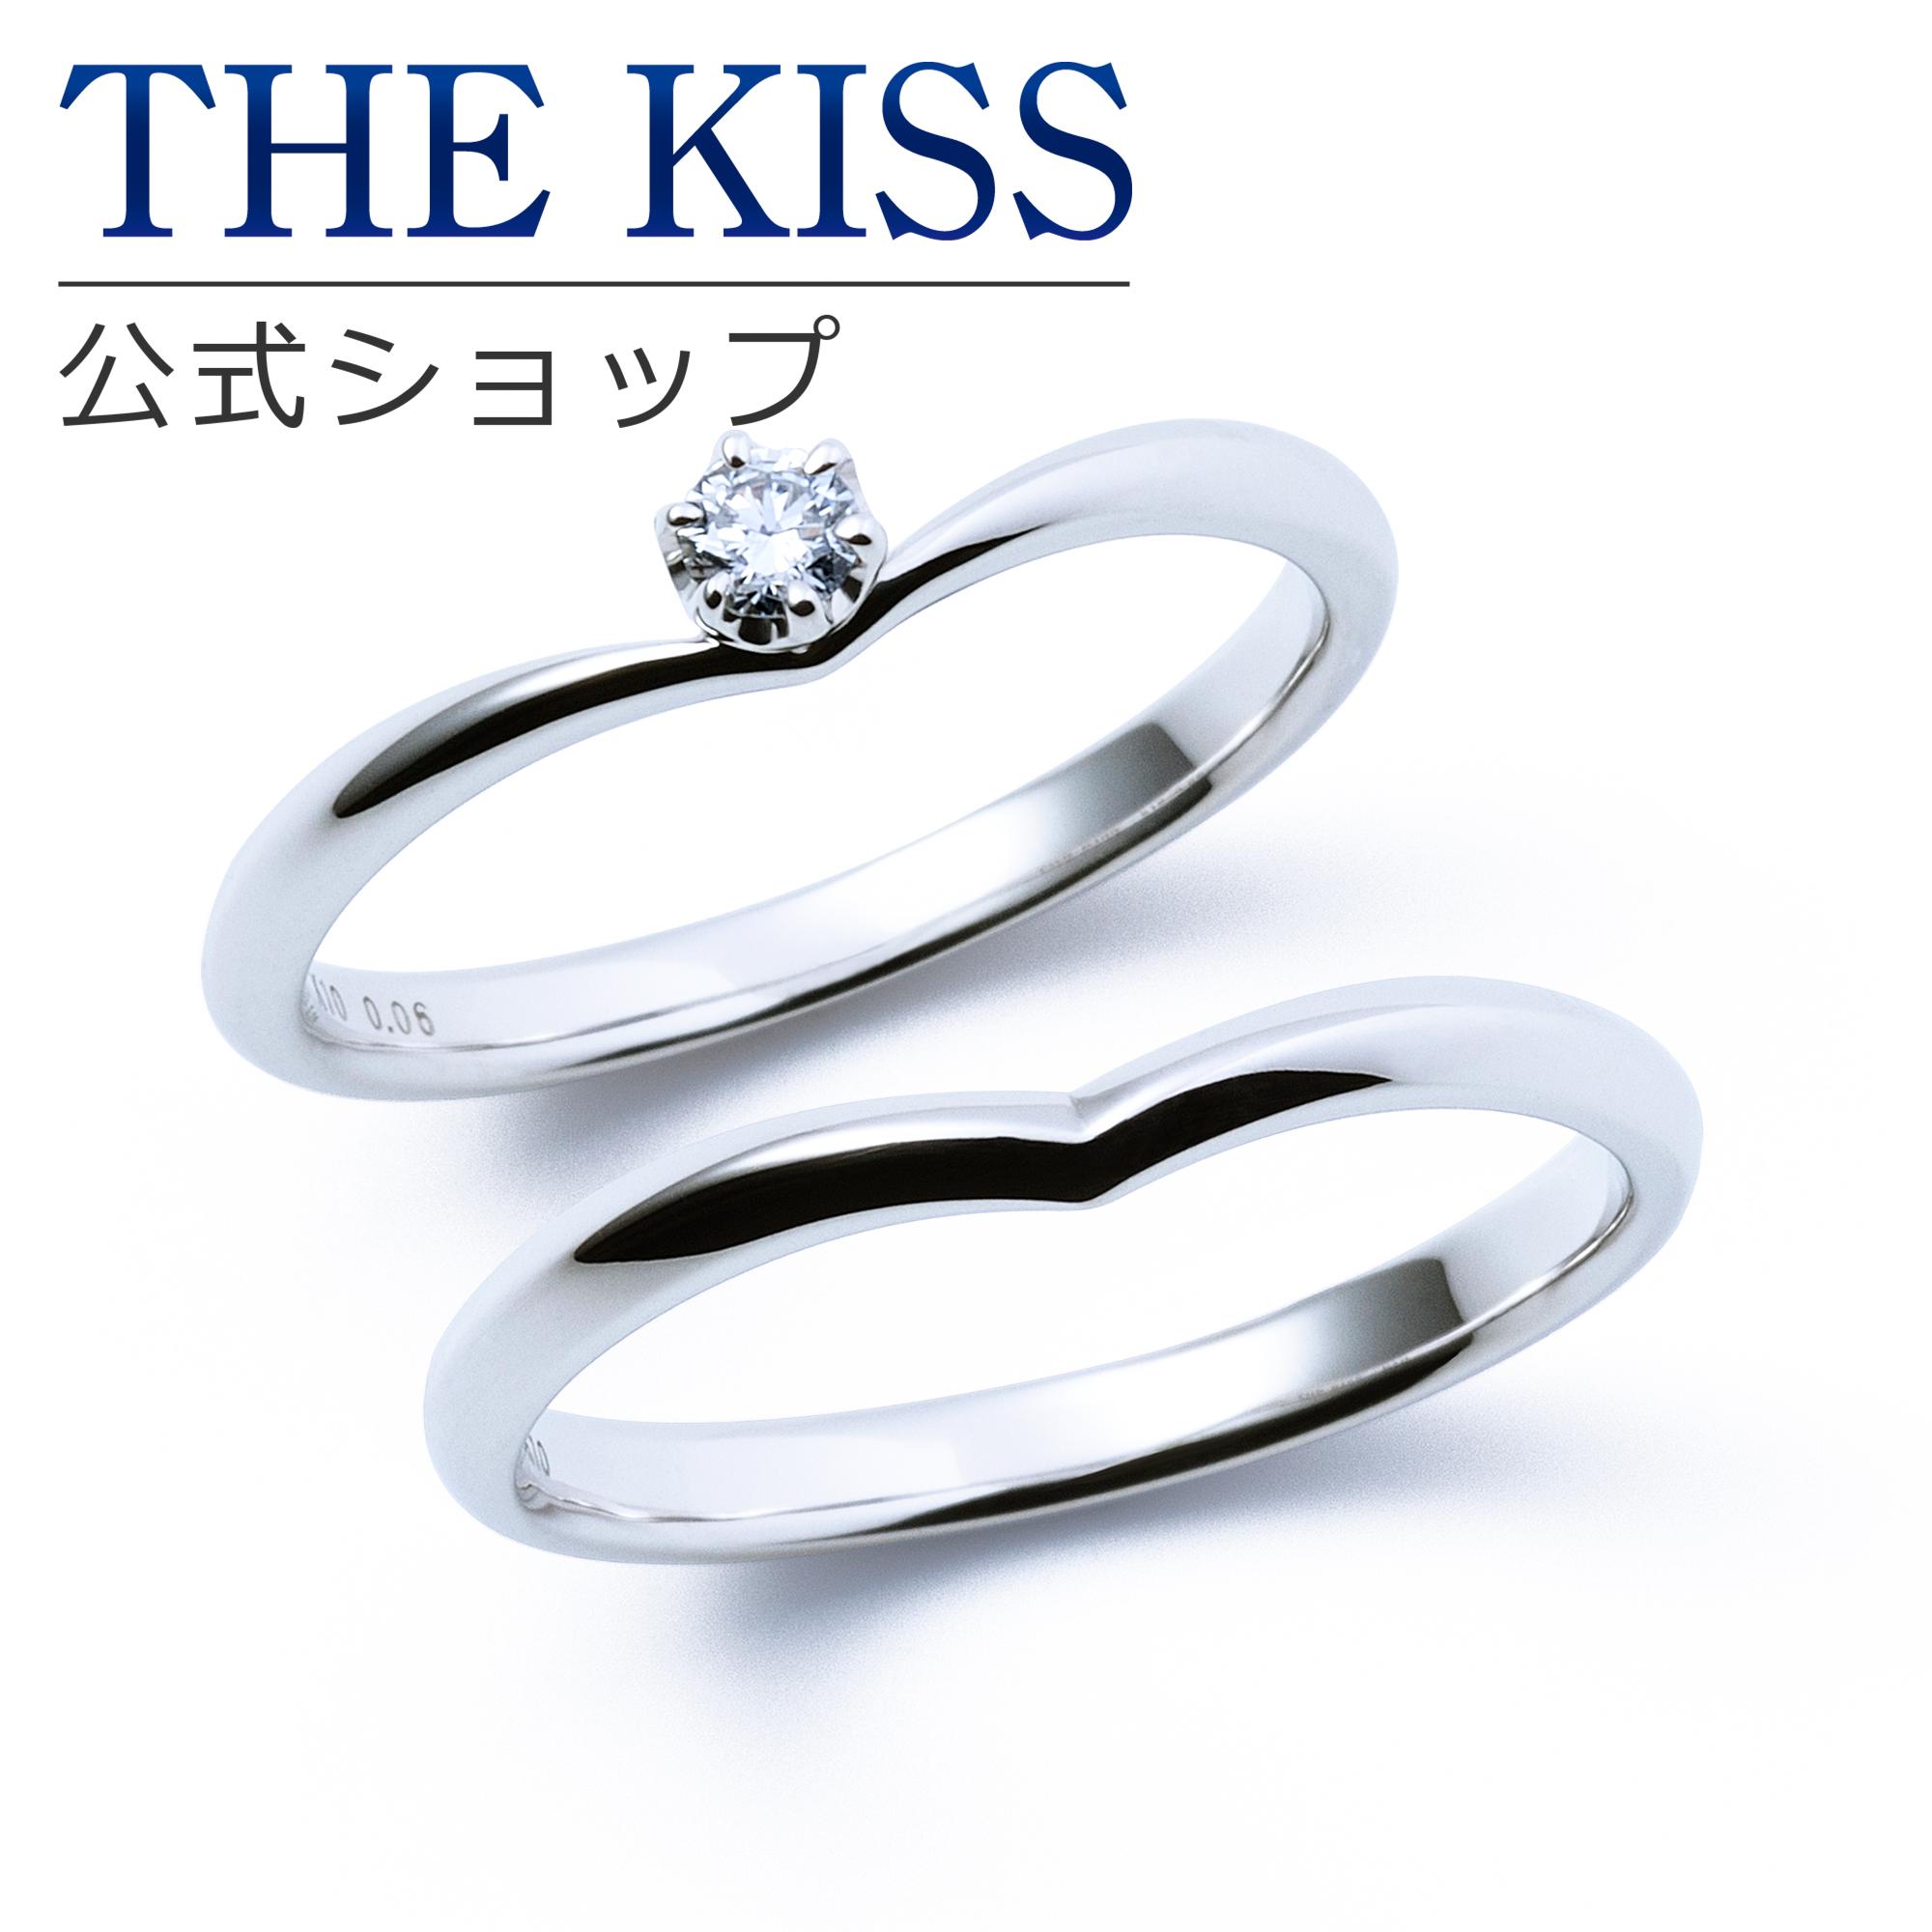 【刻印可_7文字】【THE KISS Anniversary】 K10 ホワイトゴールド マリッジ リング 結婚指輪 ペアリング THE KISS リング・指輪 7621122001-7621122002 セット シンプル ザキス 【送料無料】